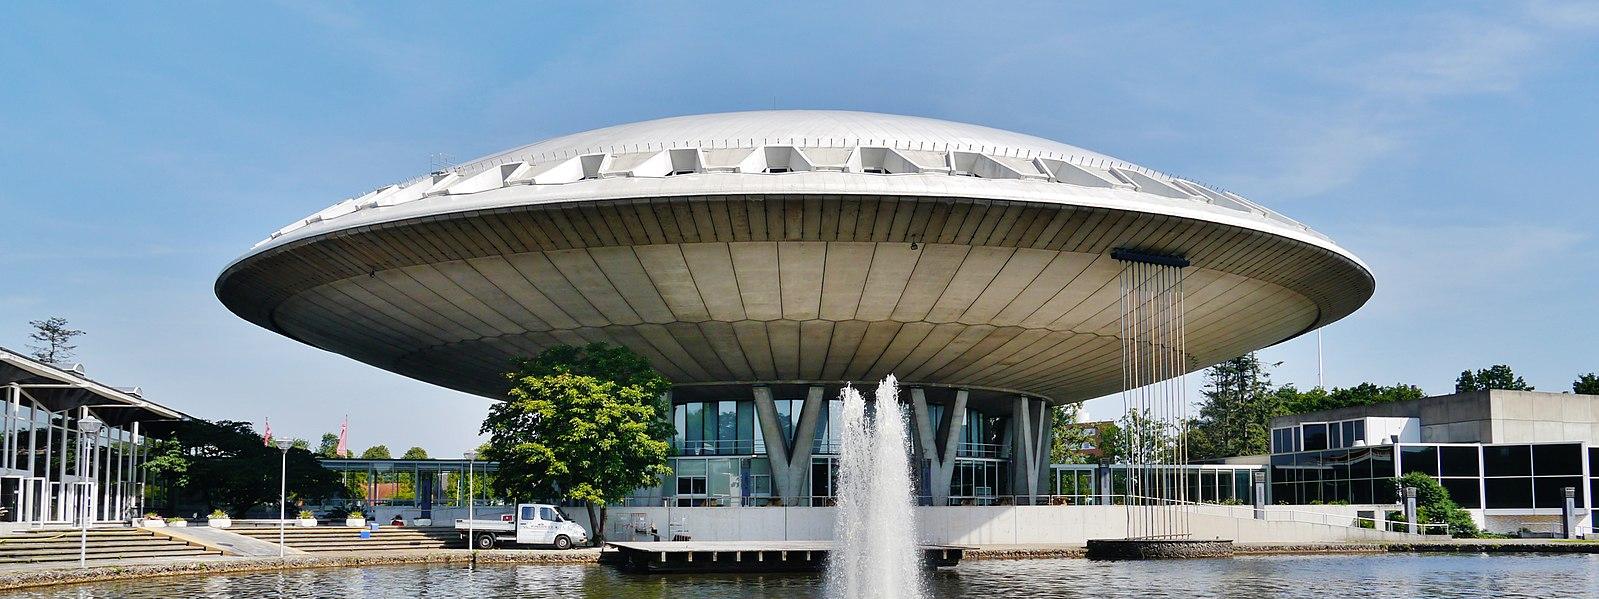 evoluon conference centre